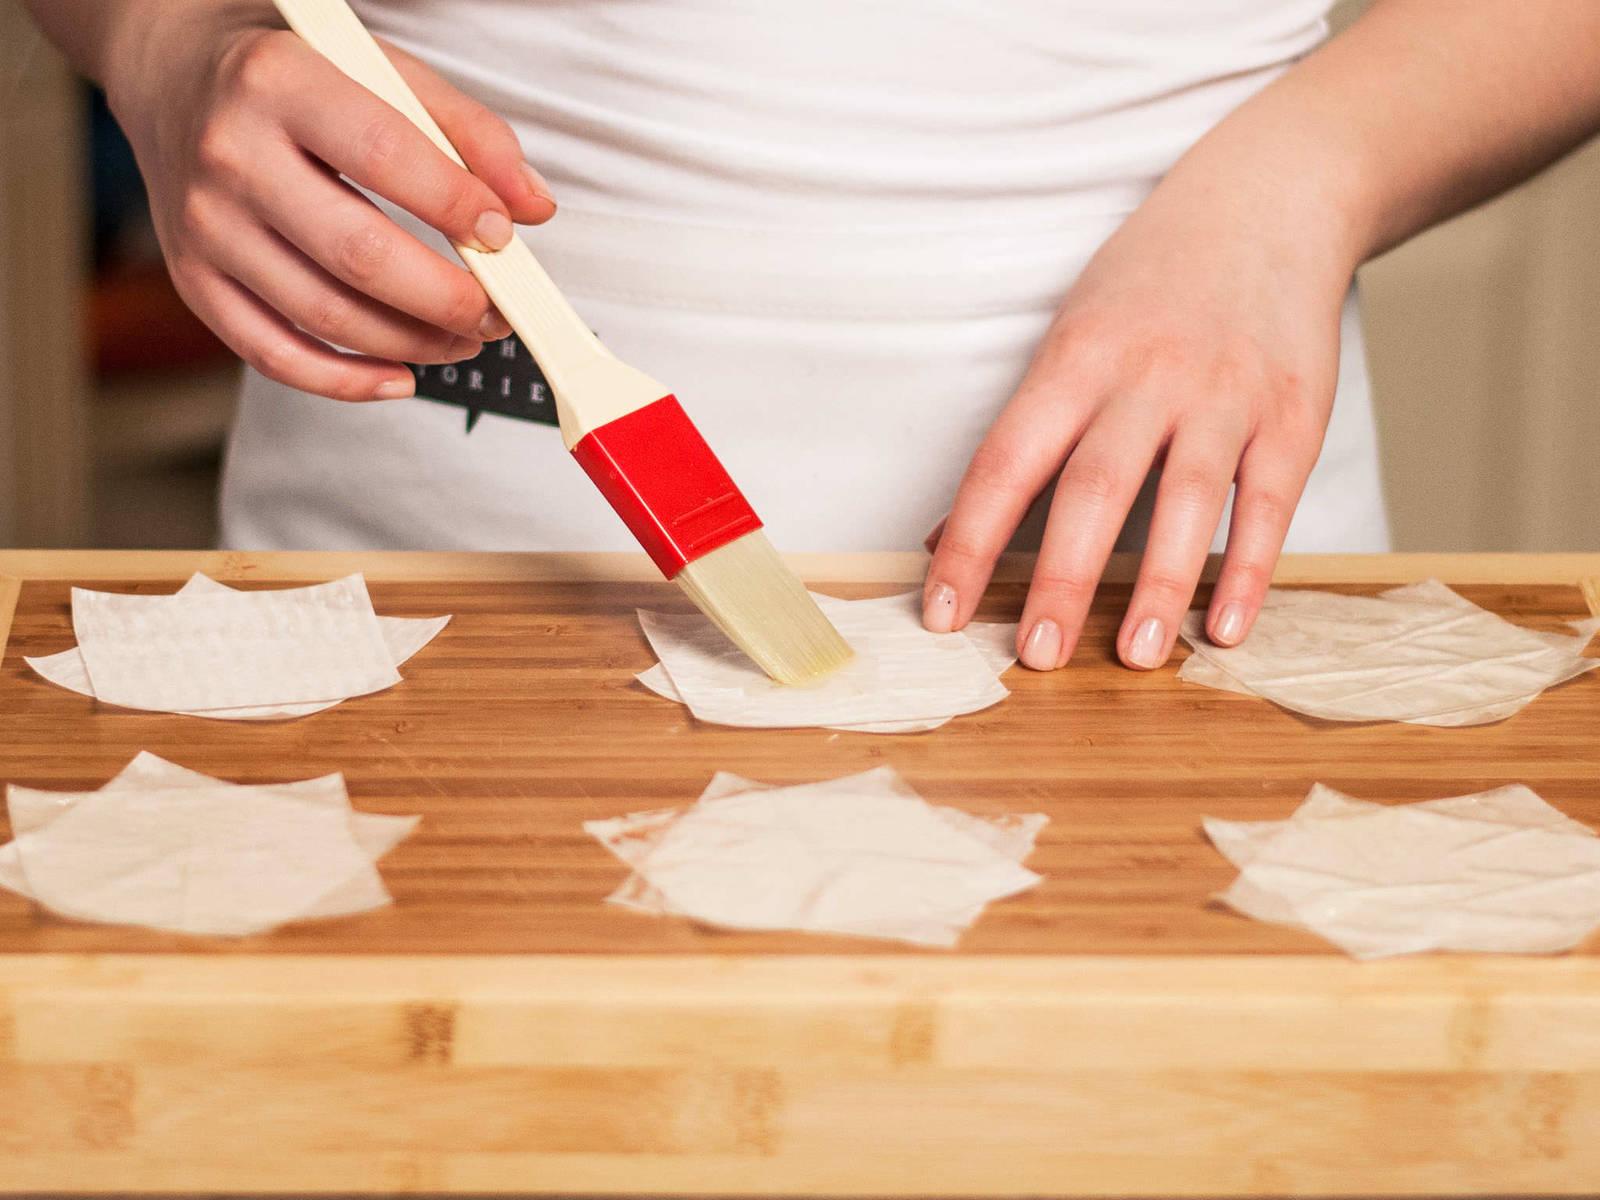 在工作台上面薄撒面粉,将果馅卷面团切成5厘米大小的方块,然后将两片方块交叉叠放。融化1/3黄油,刷在面皮上。